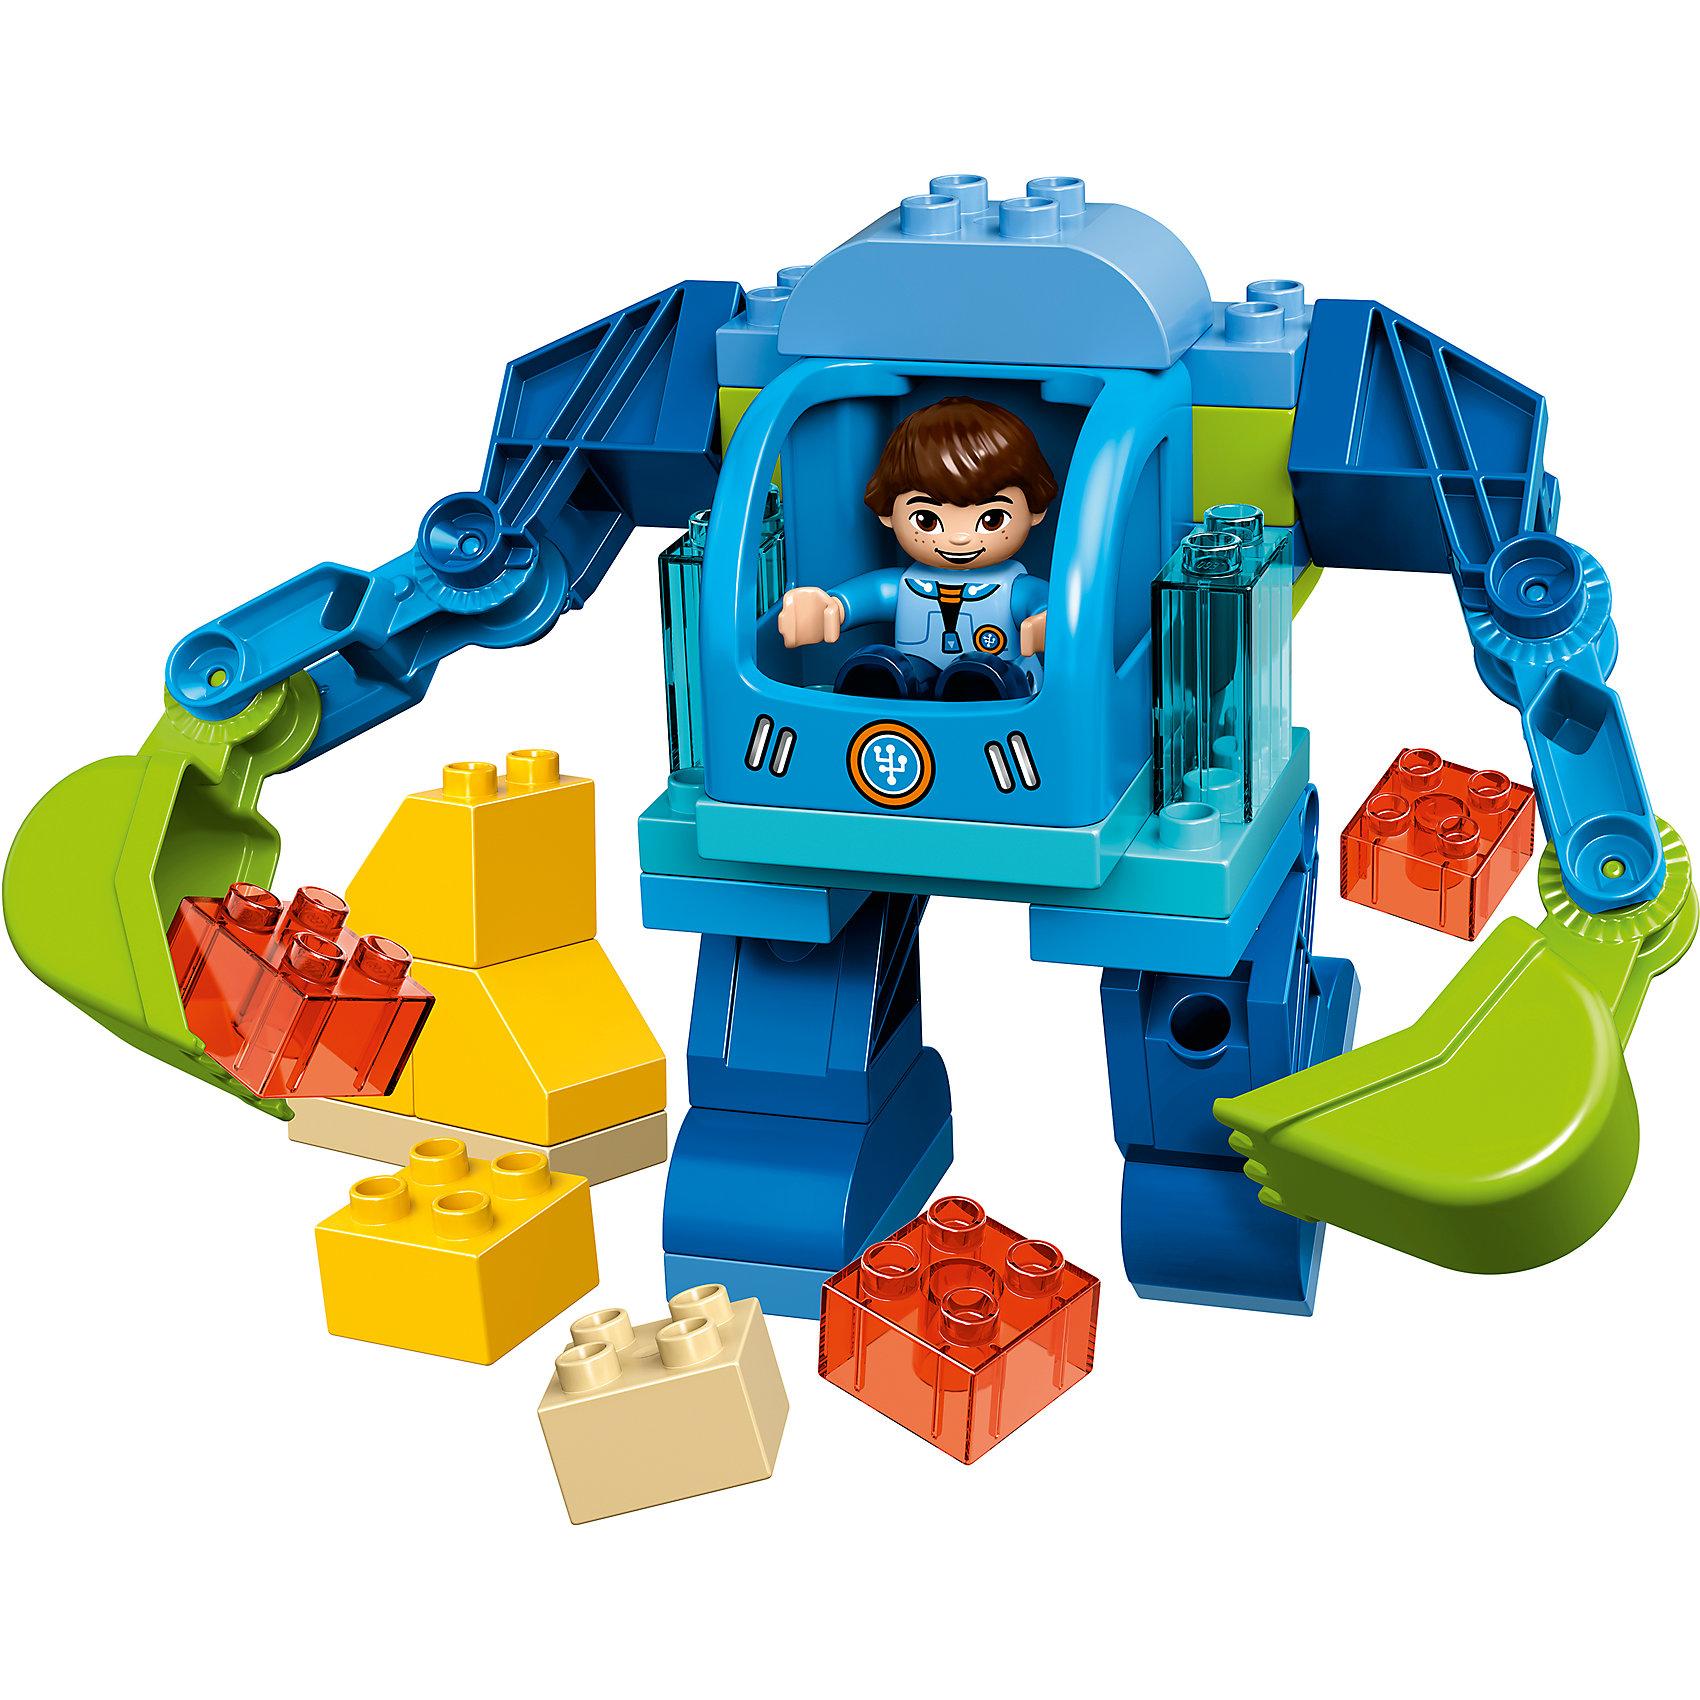 LEGO DUPLO 10825: Экзокостюм МайлзаГероя мультфильма Майлз с другой планеты обожает множество современных мальчишек, поэтому набор из его фигурки и конструктора в этой тематике обязательно обрадует ребенка. Игры с такими комплектами помогают детям развивать воображение, мелкую моторику, логику и творческое мышление.<br>Набор состоит из фигурки Майлза, экзоскелета с подвижными руками-лопатами и кубков. С таким комплектом можно придумать множество игр!<br><br>Дополнительная информация:<br><br>цвет: разноцветный;<br>размер коробки: 28,2 х 7,6 х 26,2 см;<br>вес: 582 г;<br>материал: пластик;<br>количество деталей: 37.<br><br>Комплект Экзокостюм Майлза от компании LEGO DUPLO можно купить в нашем магазине.<br><br>Ширина мм: 76<br>Глубина мм: 282<br>Высота мм: 262<br>Вес г: 564<br>Возраст от месяцев: 24<br>Возраст до месяцев: 60<br>Пол: Унисекс<br>Возраст: Детский<br>SKU: 4906926